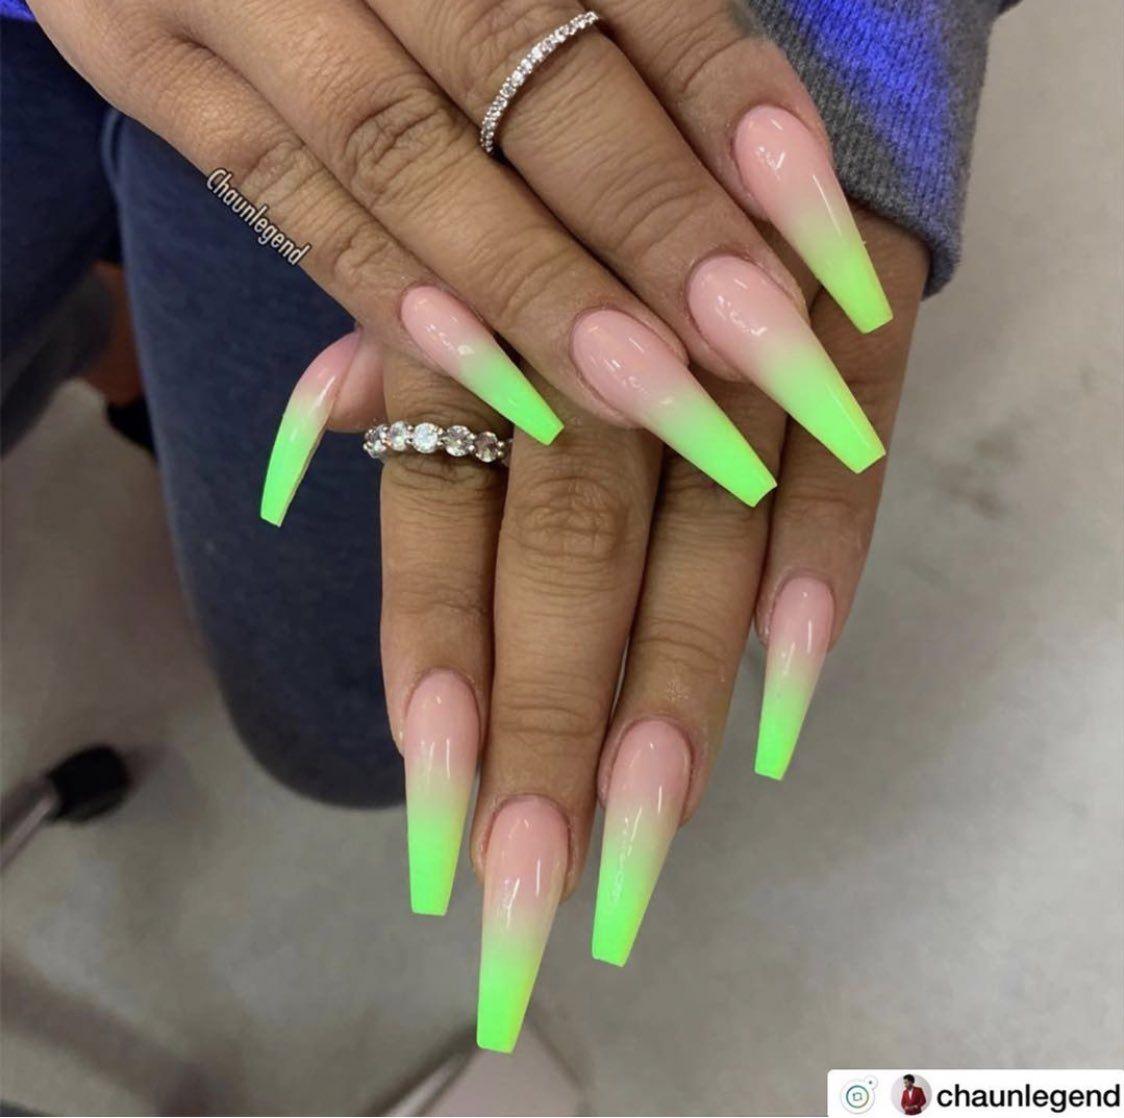 Uavaisy On Twitter Unpopular Opinion Nail Salon Neon